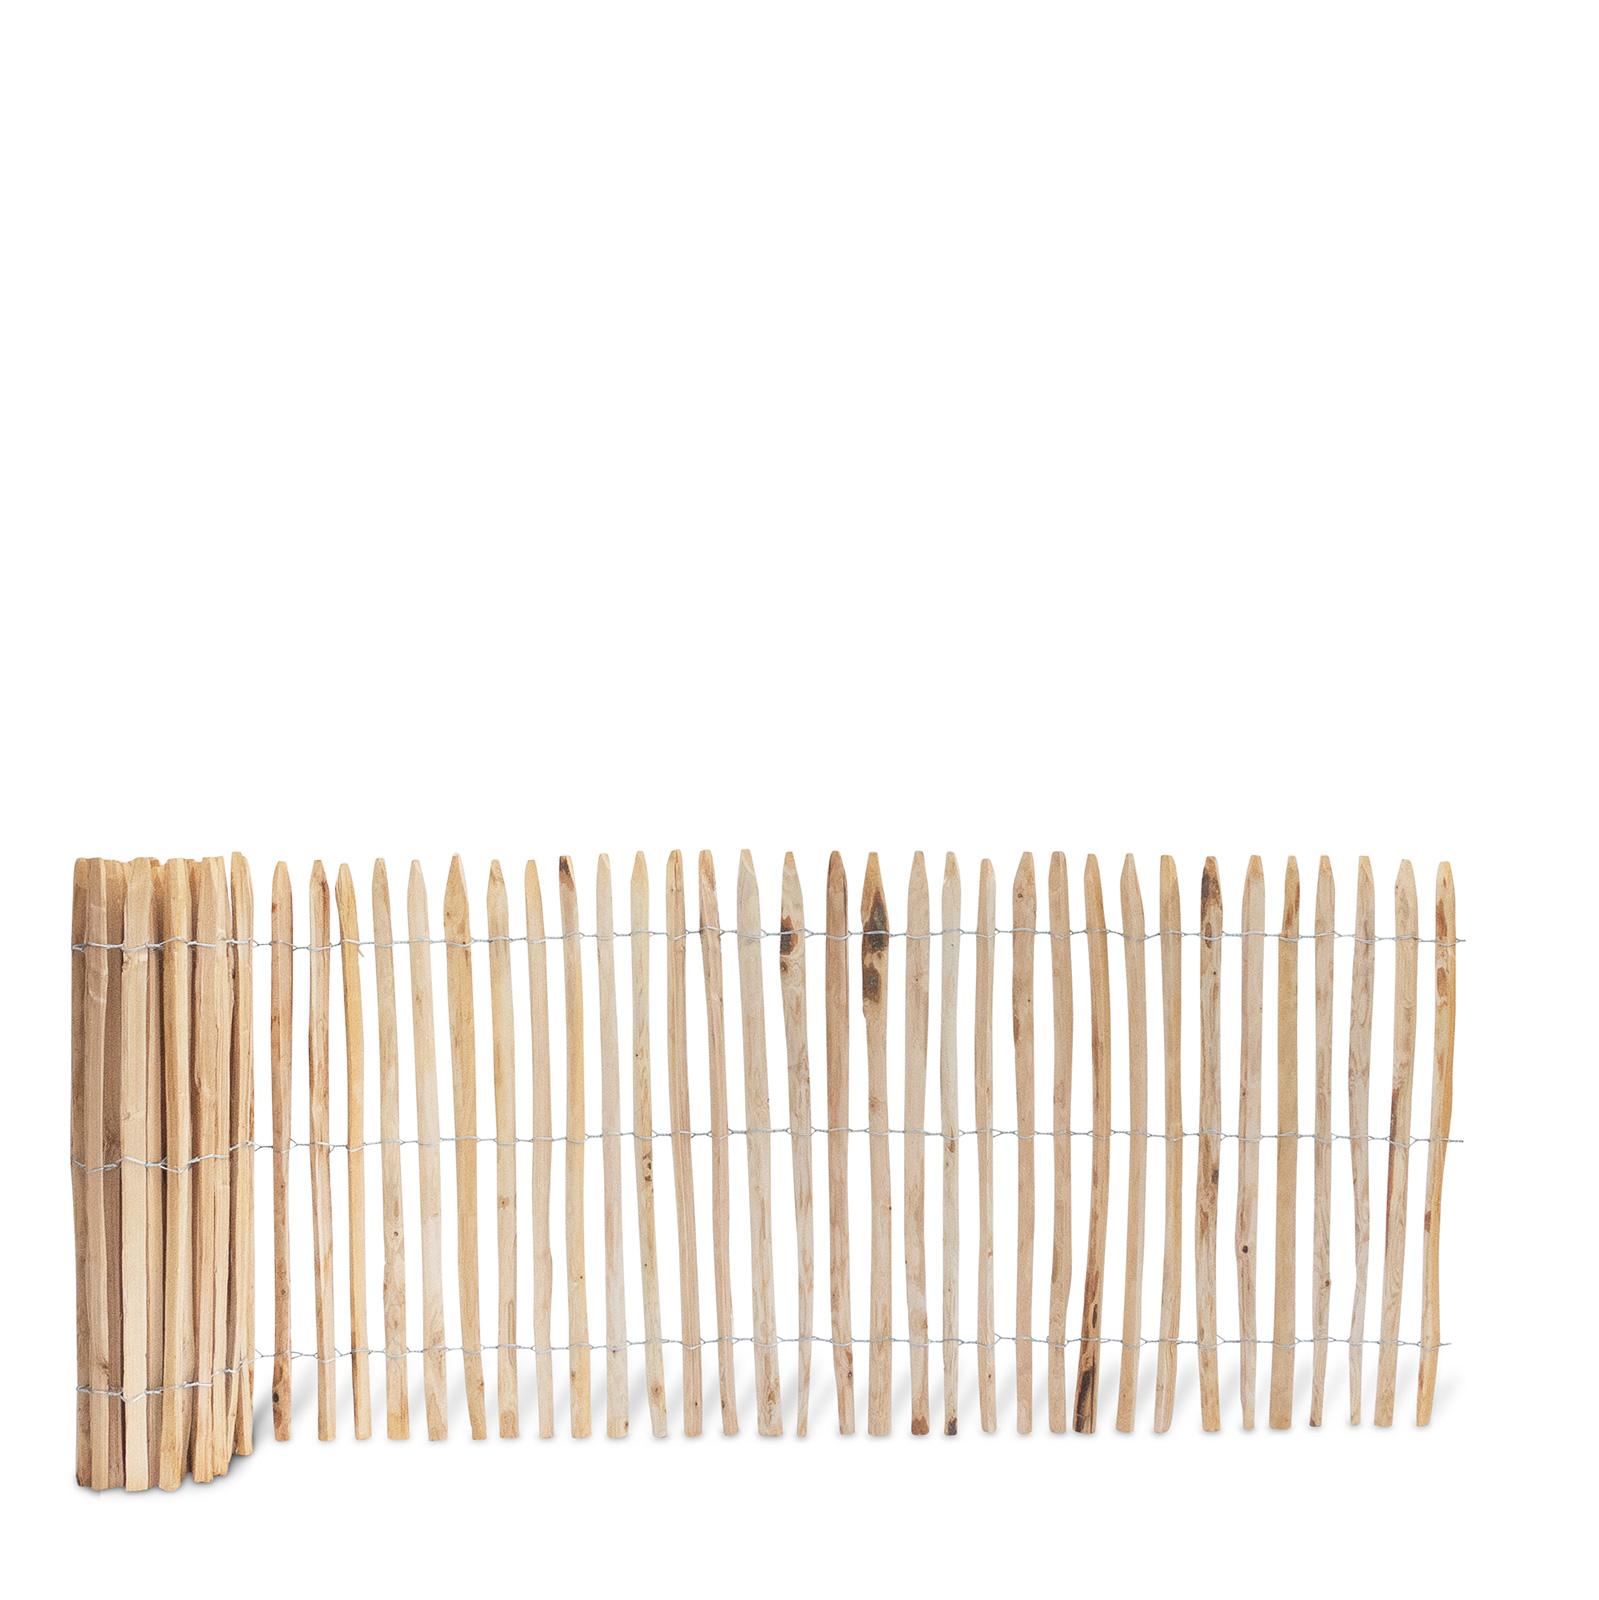 Französischer Staketenzaun aus Kastanienholz, 100 cm hoch mit einem Lattenabstand von 2-3 Zentimetern. Mit seinen angespitzten und verdrahteten Hölzern passt der schöne Zaun in jede Umgebung. Ganz ohne Pflege hält der natürliche Gartenzaun rund 20 Jahre.